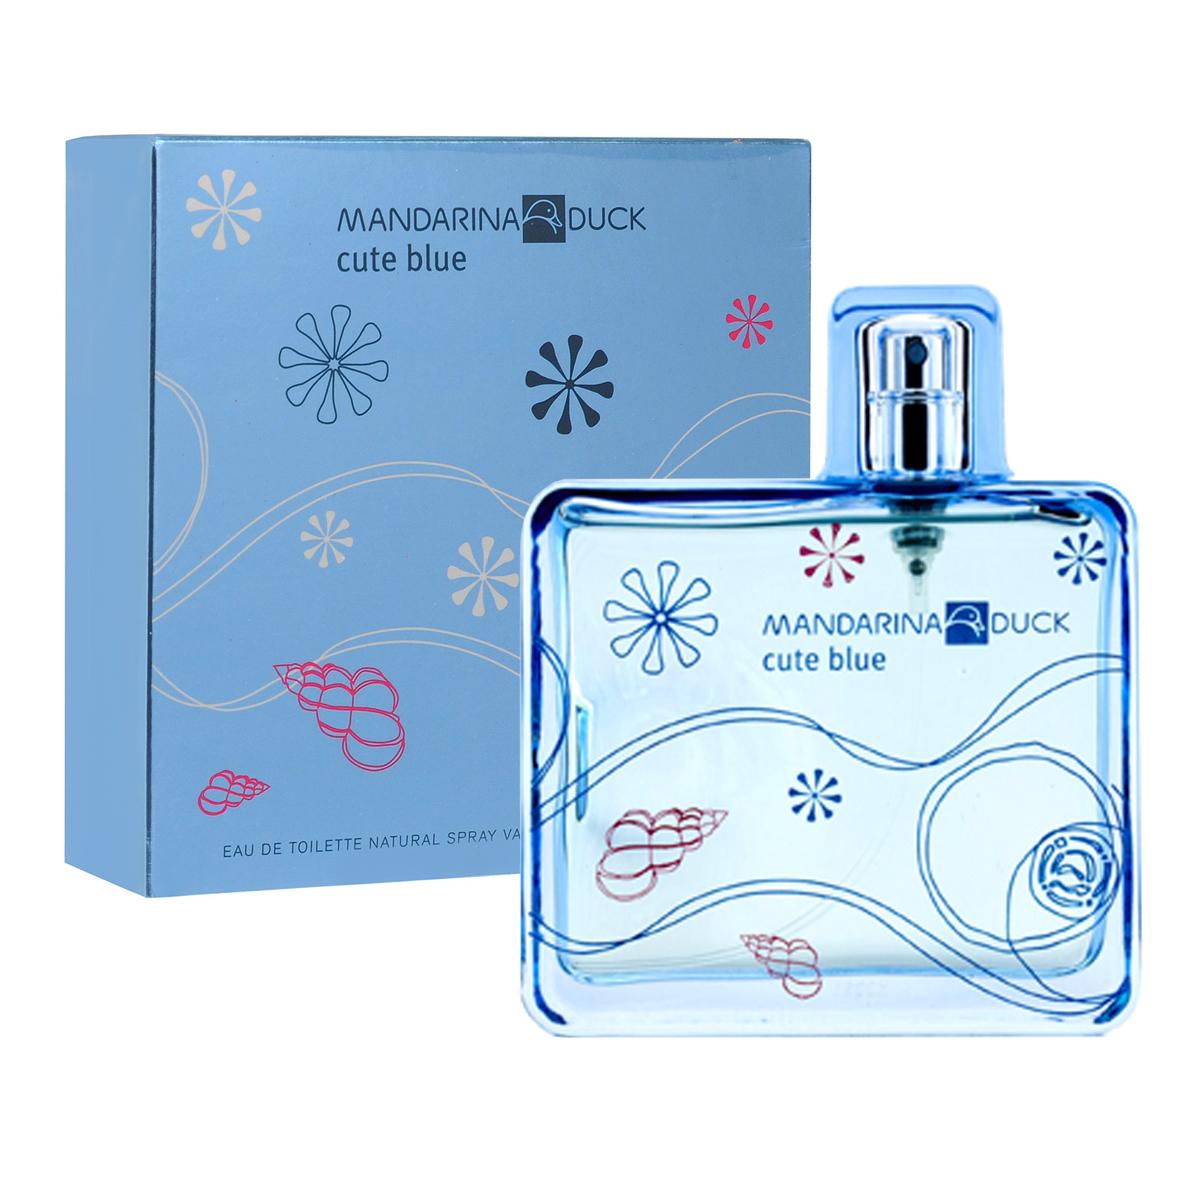 Mandarina Duck Туалетная вода Cute Blue, женская, 100 мл